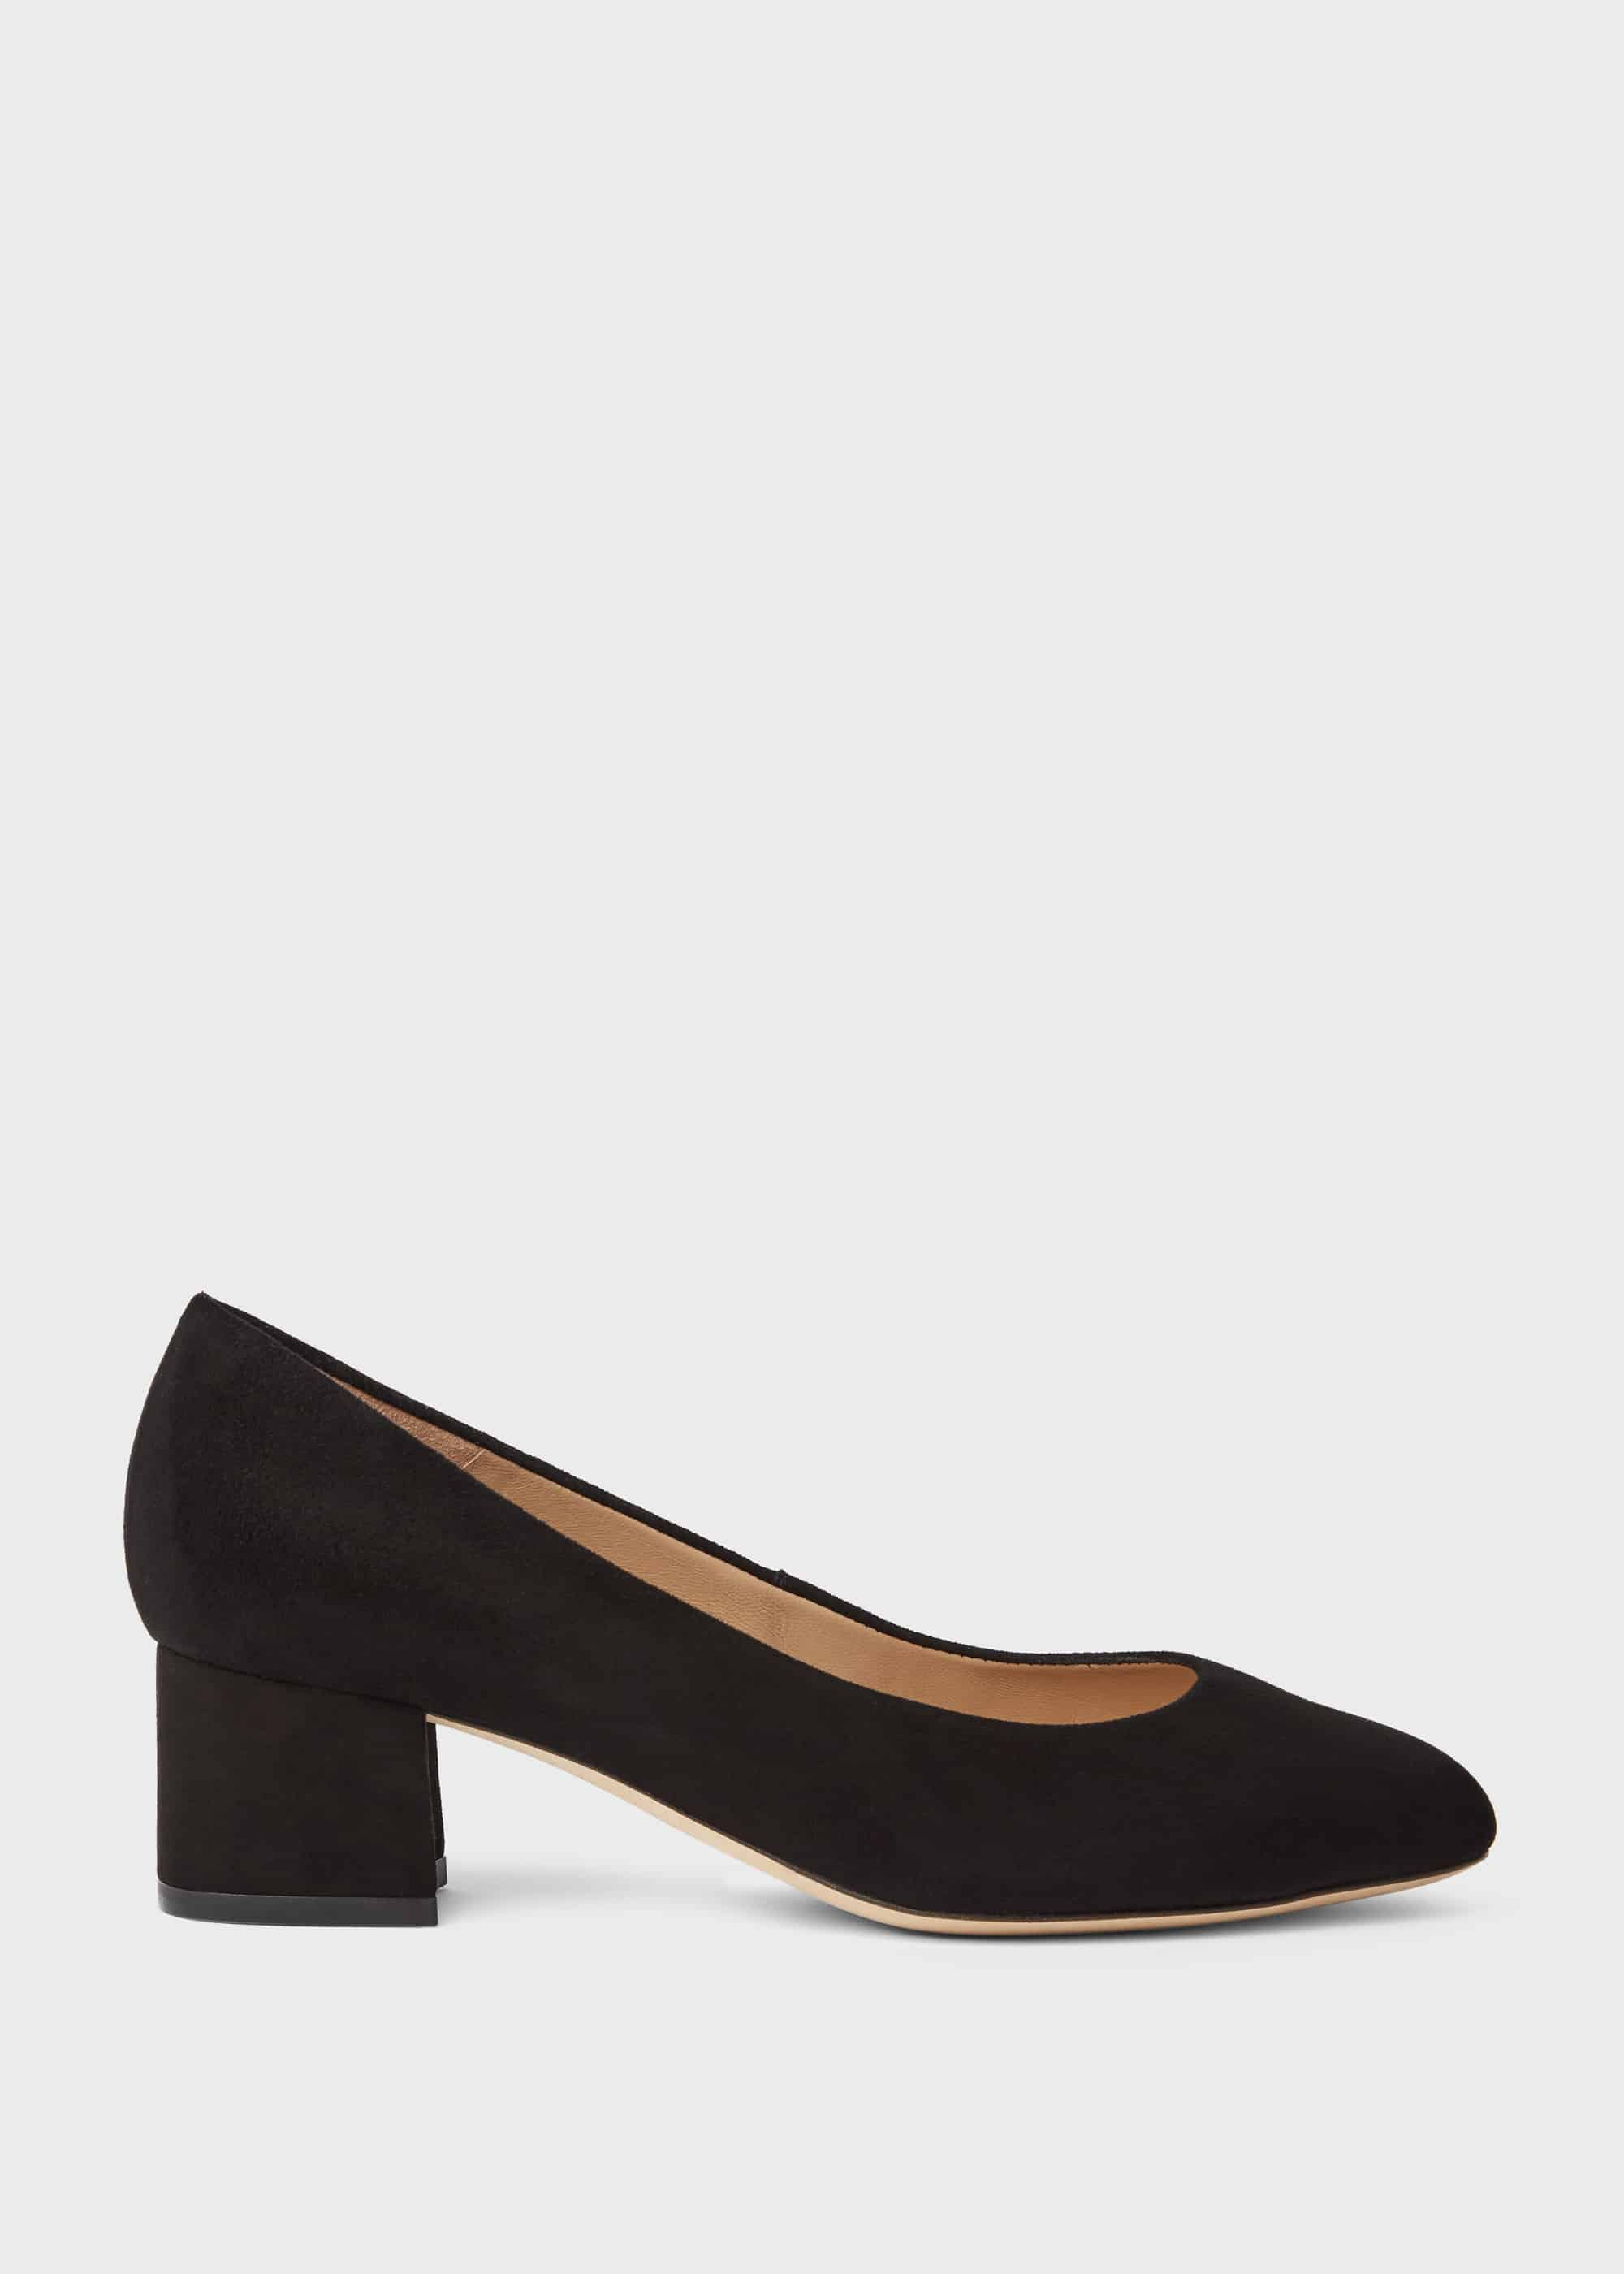 Hobbs Women Natalie Wide Fit Suede Block Heel Court Shoes